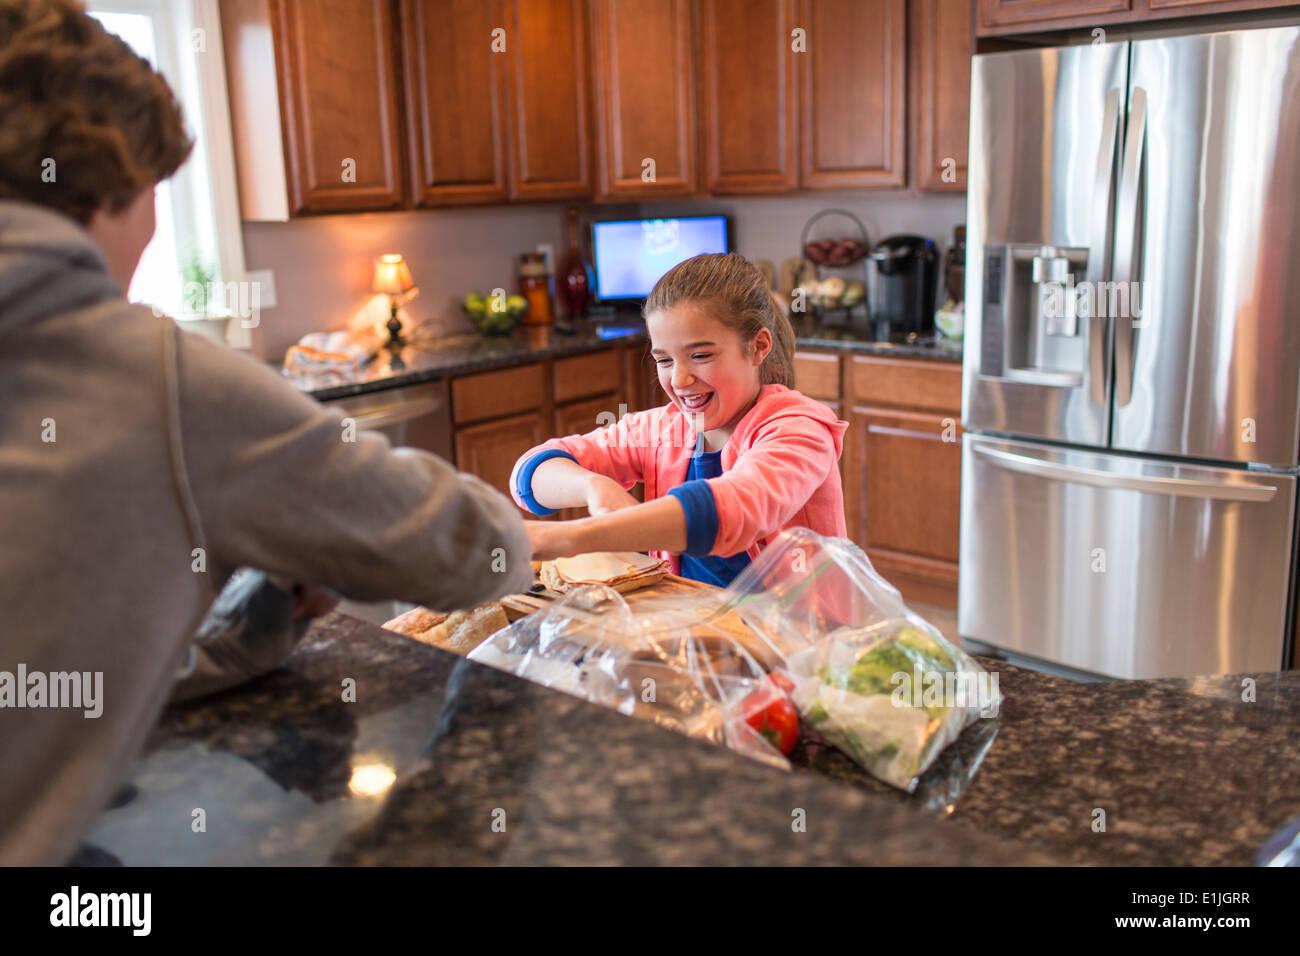 Hermano y hermana en la cocina preparando sandwich Imagen De Stock